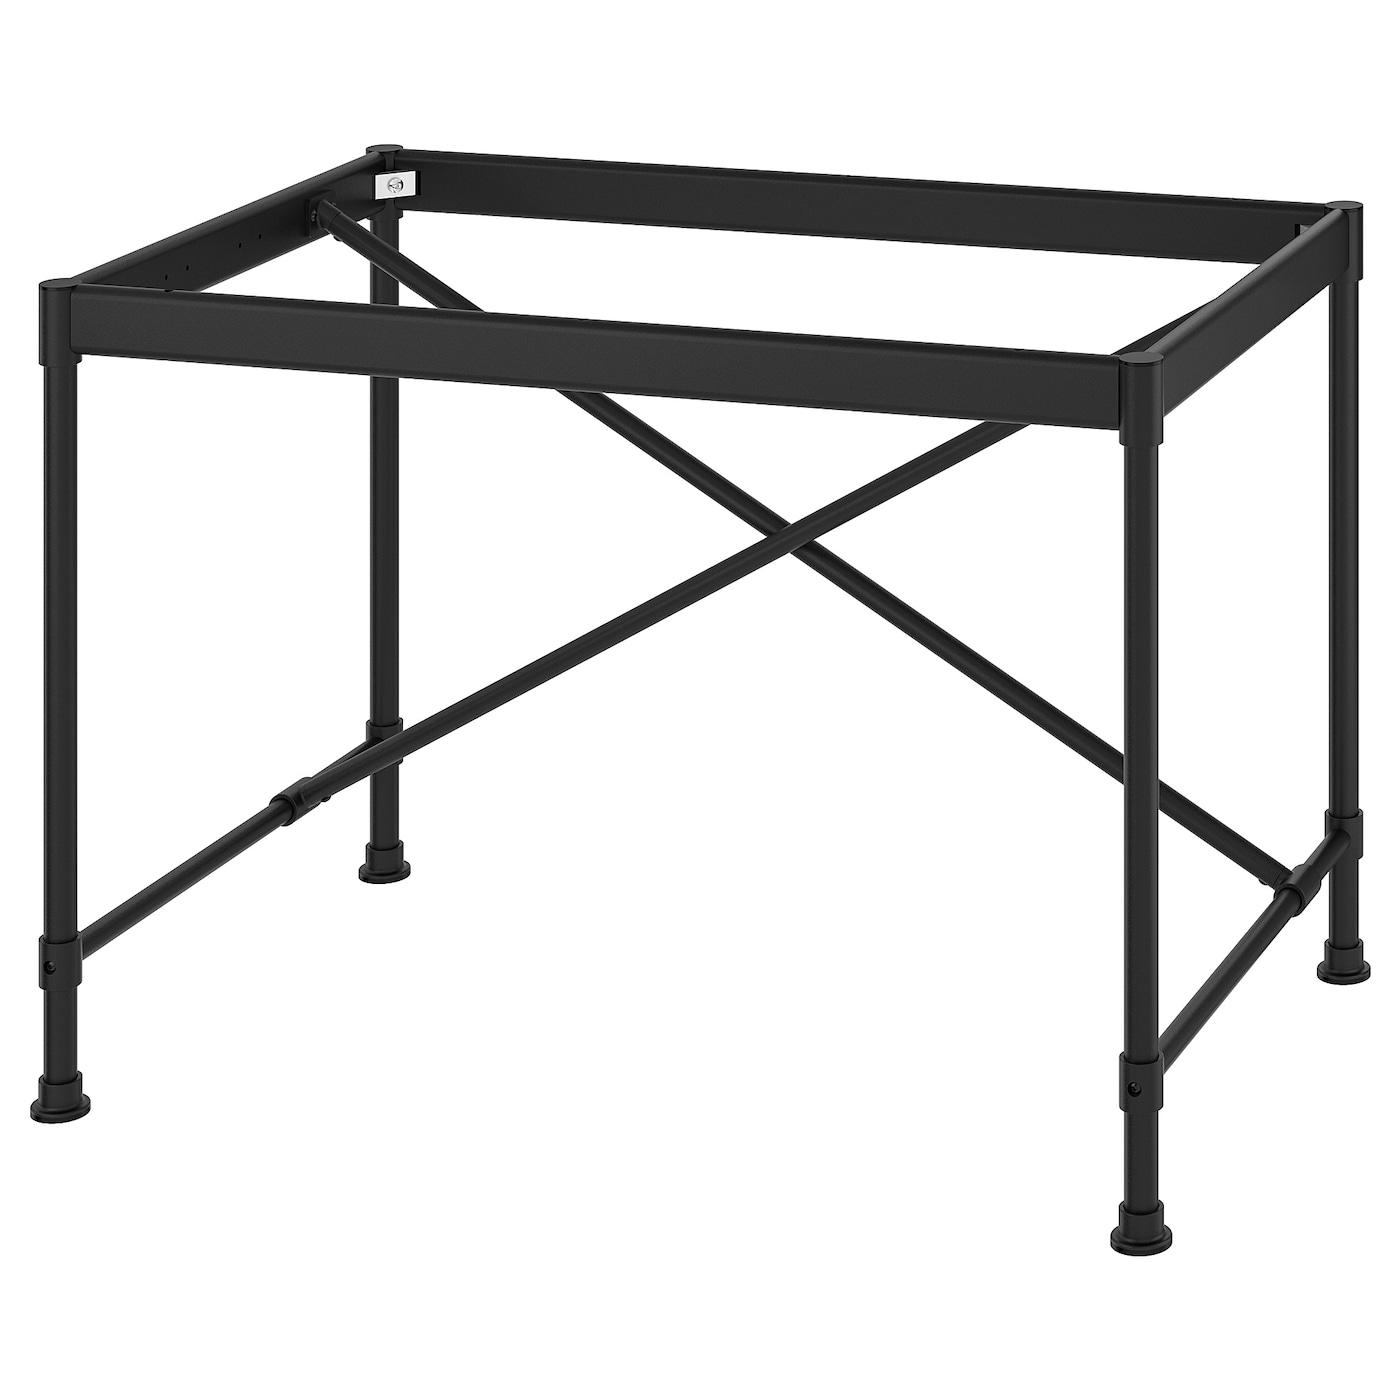 IKEA KULLABERG Podstawa blatu stołu, czarny, 102x62x71 cm